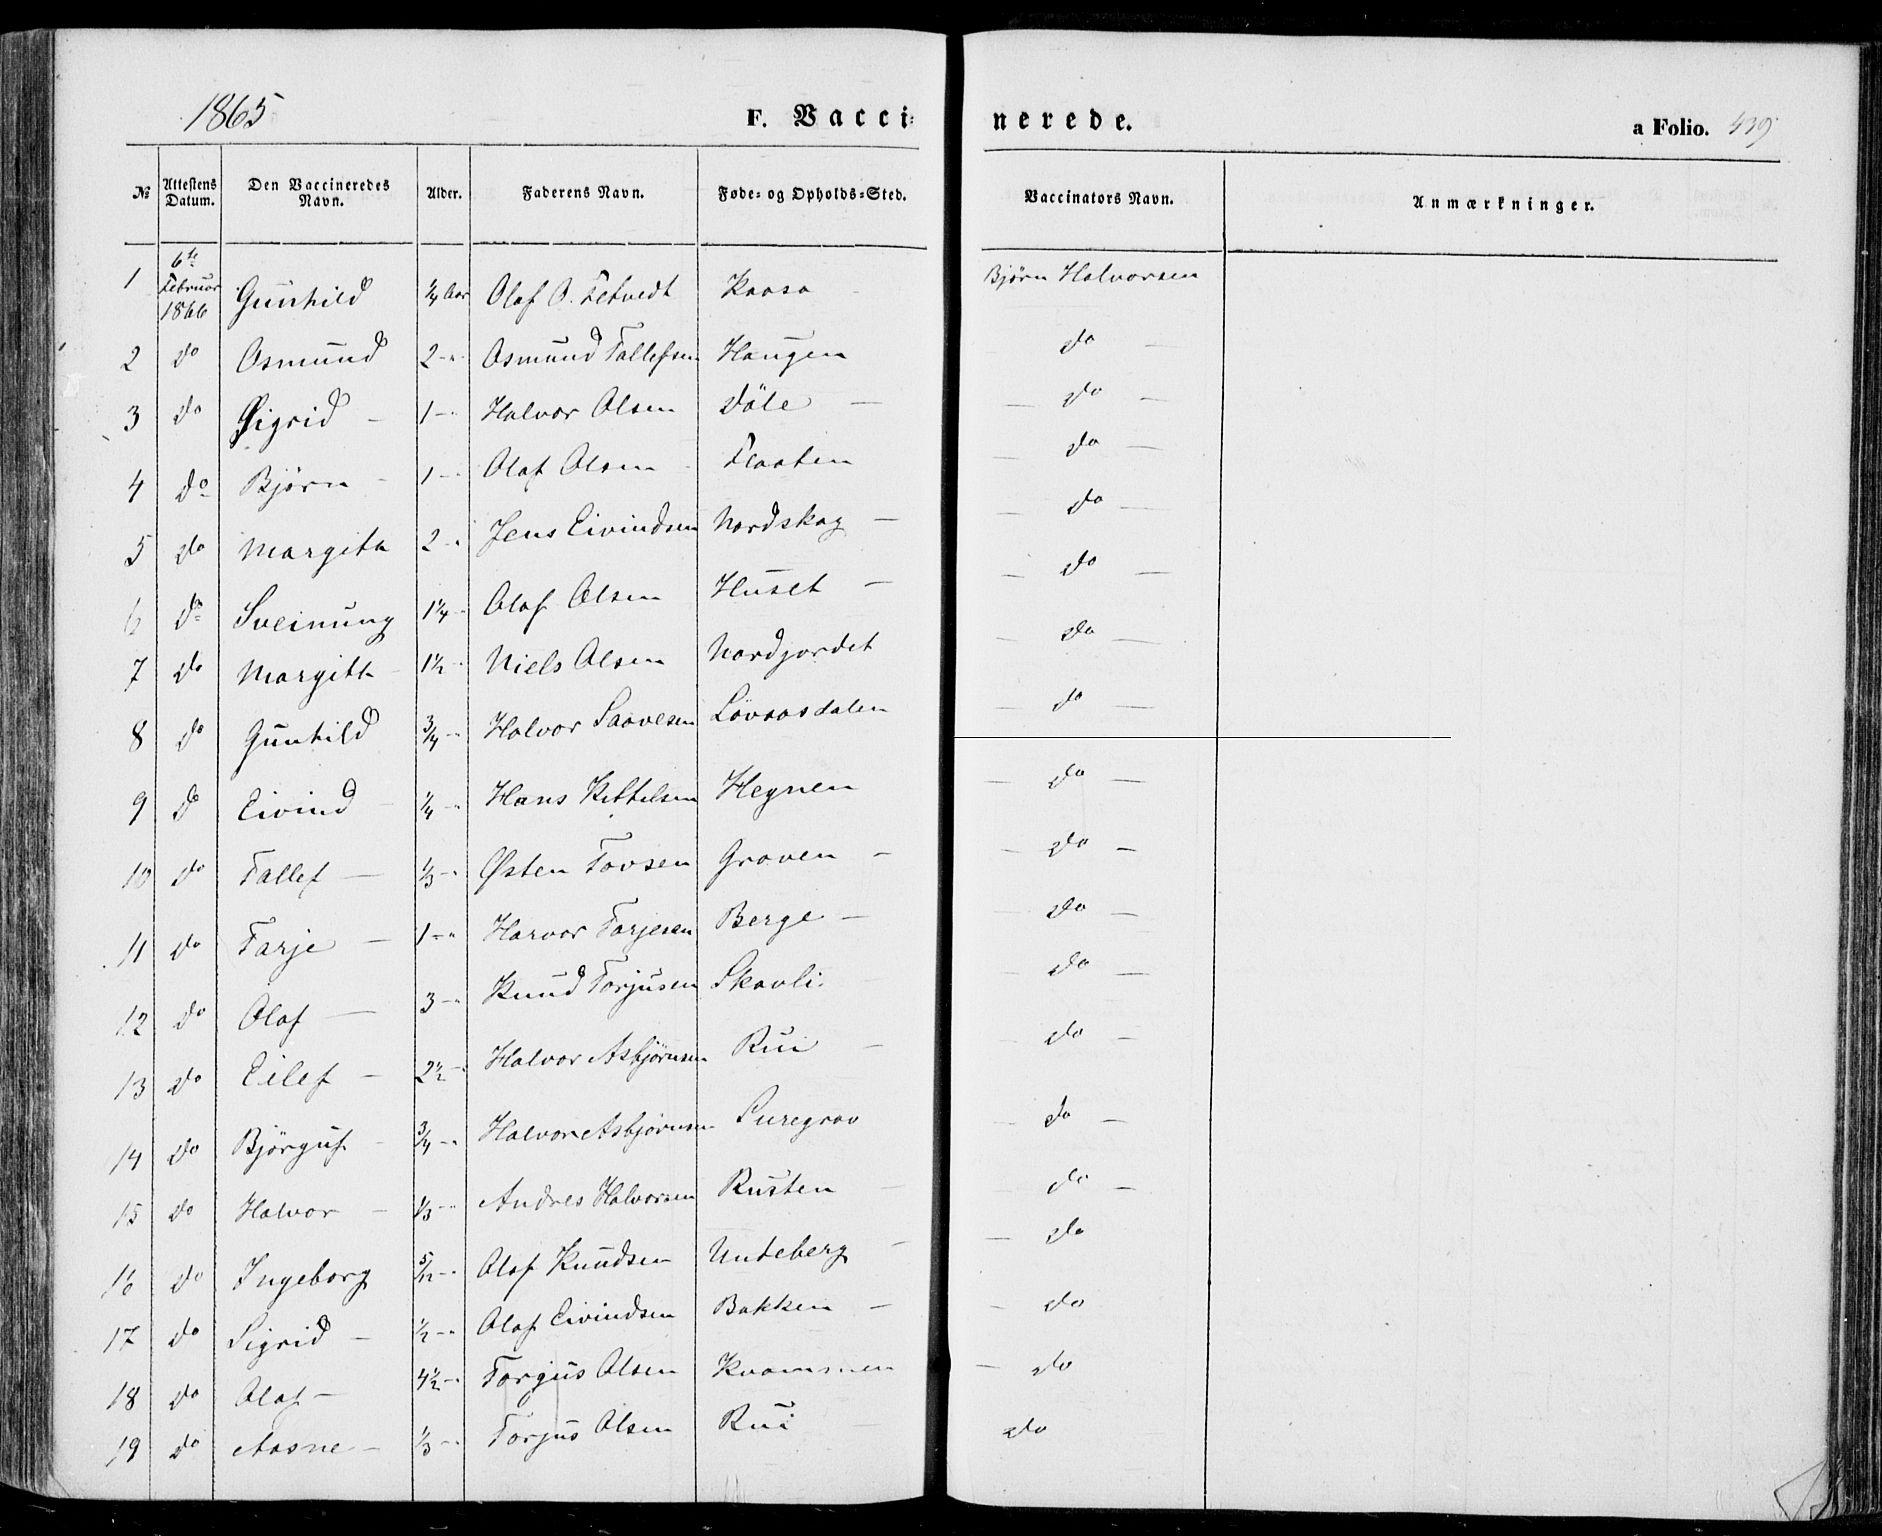 SAKO, Vinje kirkebøker, F/Fa/L0004: Ministerialbok nr. I 4, 1843-1869, s. 439